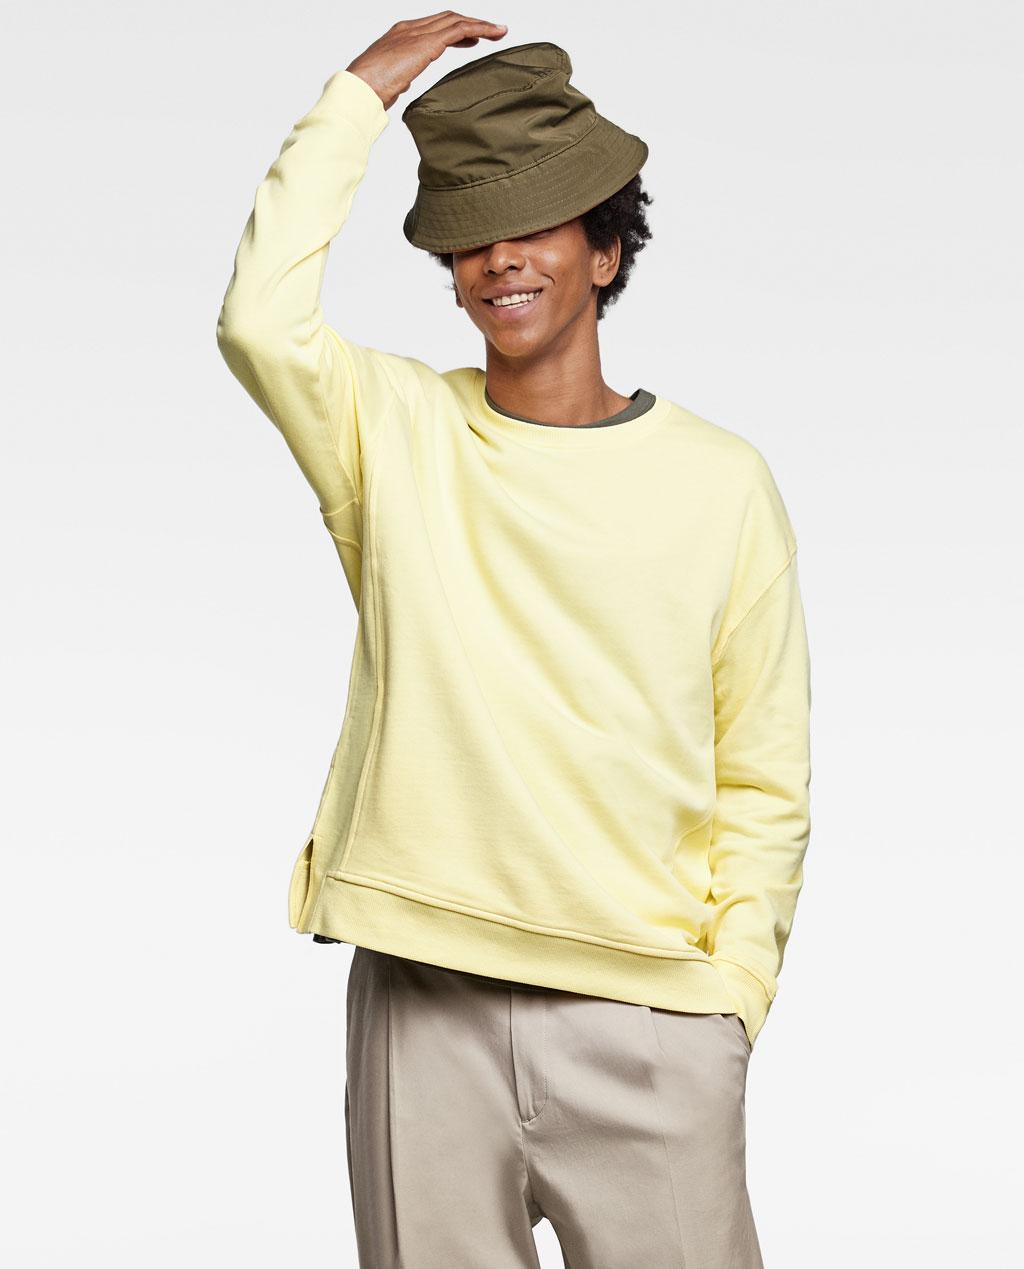 Thời trang nam Zara  24028 - ảnh 4